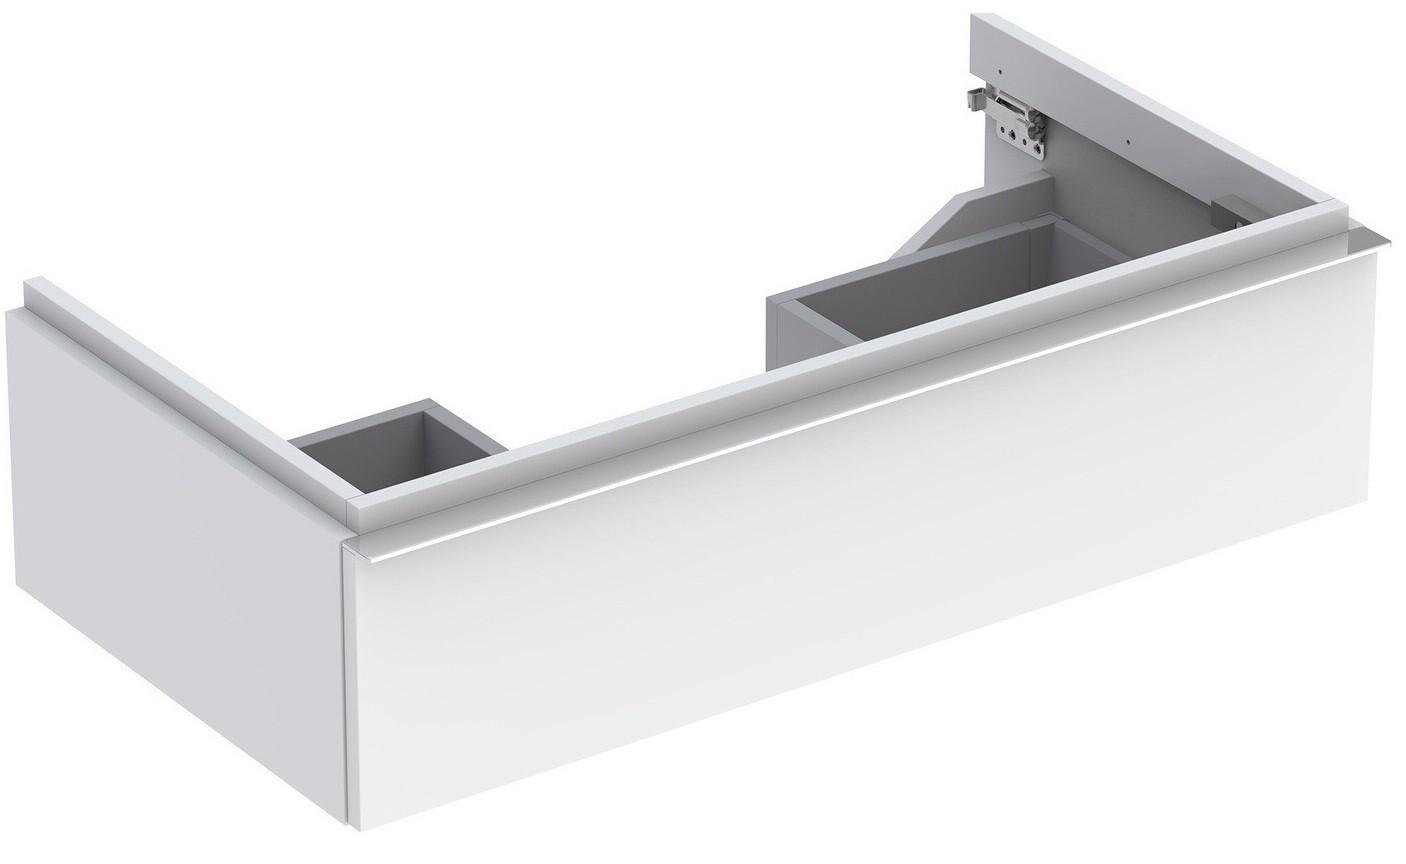 Meuble bas pour lavabo Geberit iCon 90 cm avec un tiroir en blanc laqué ultra-brillant